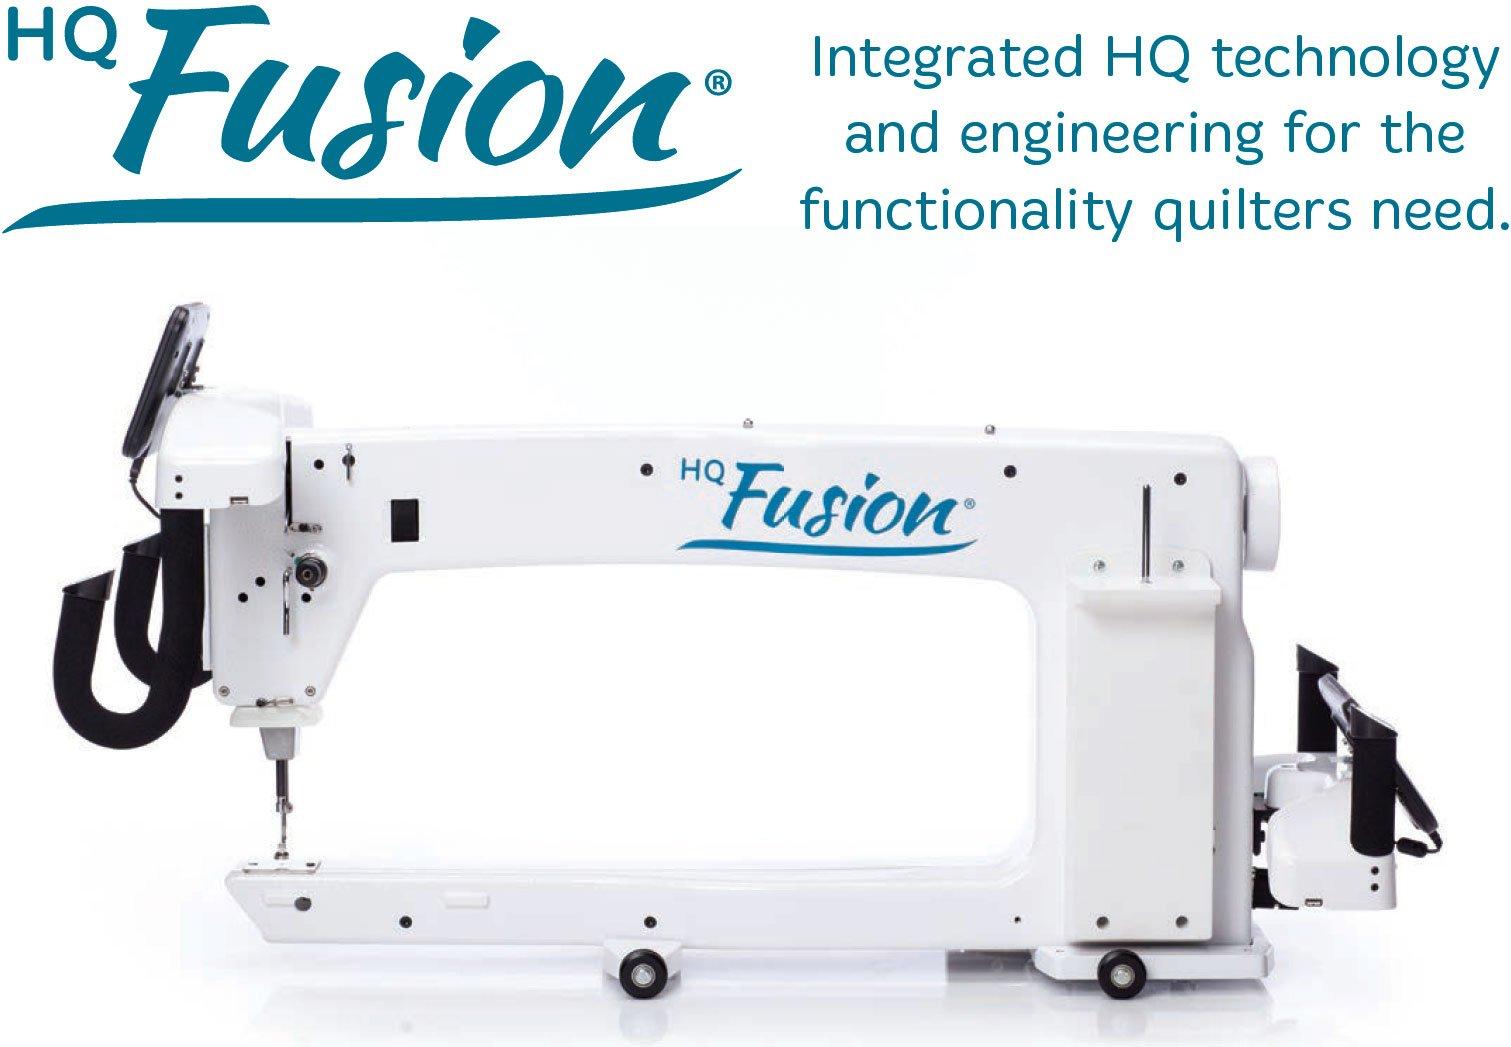 HQ Fusion